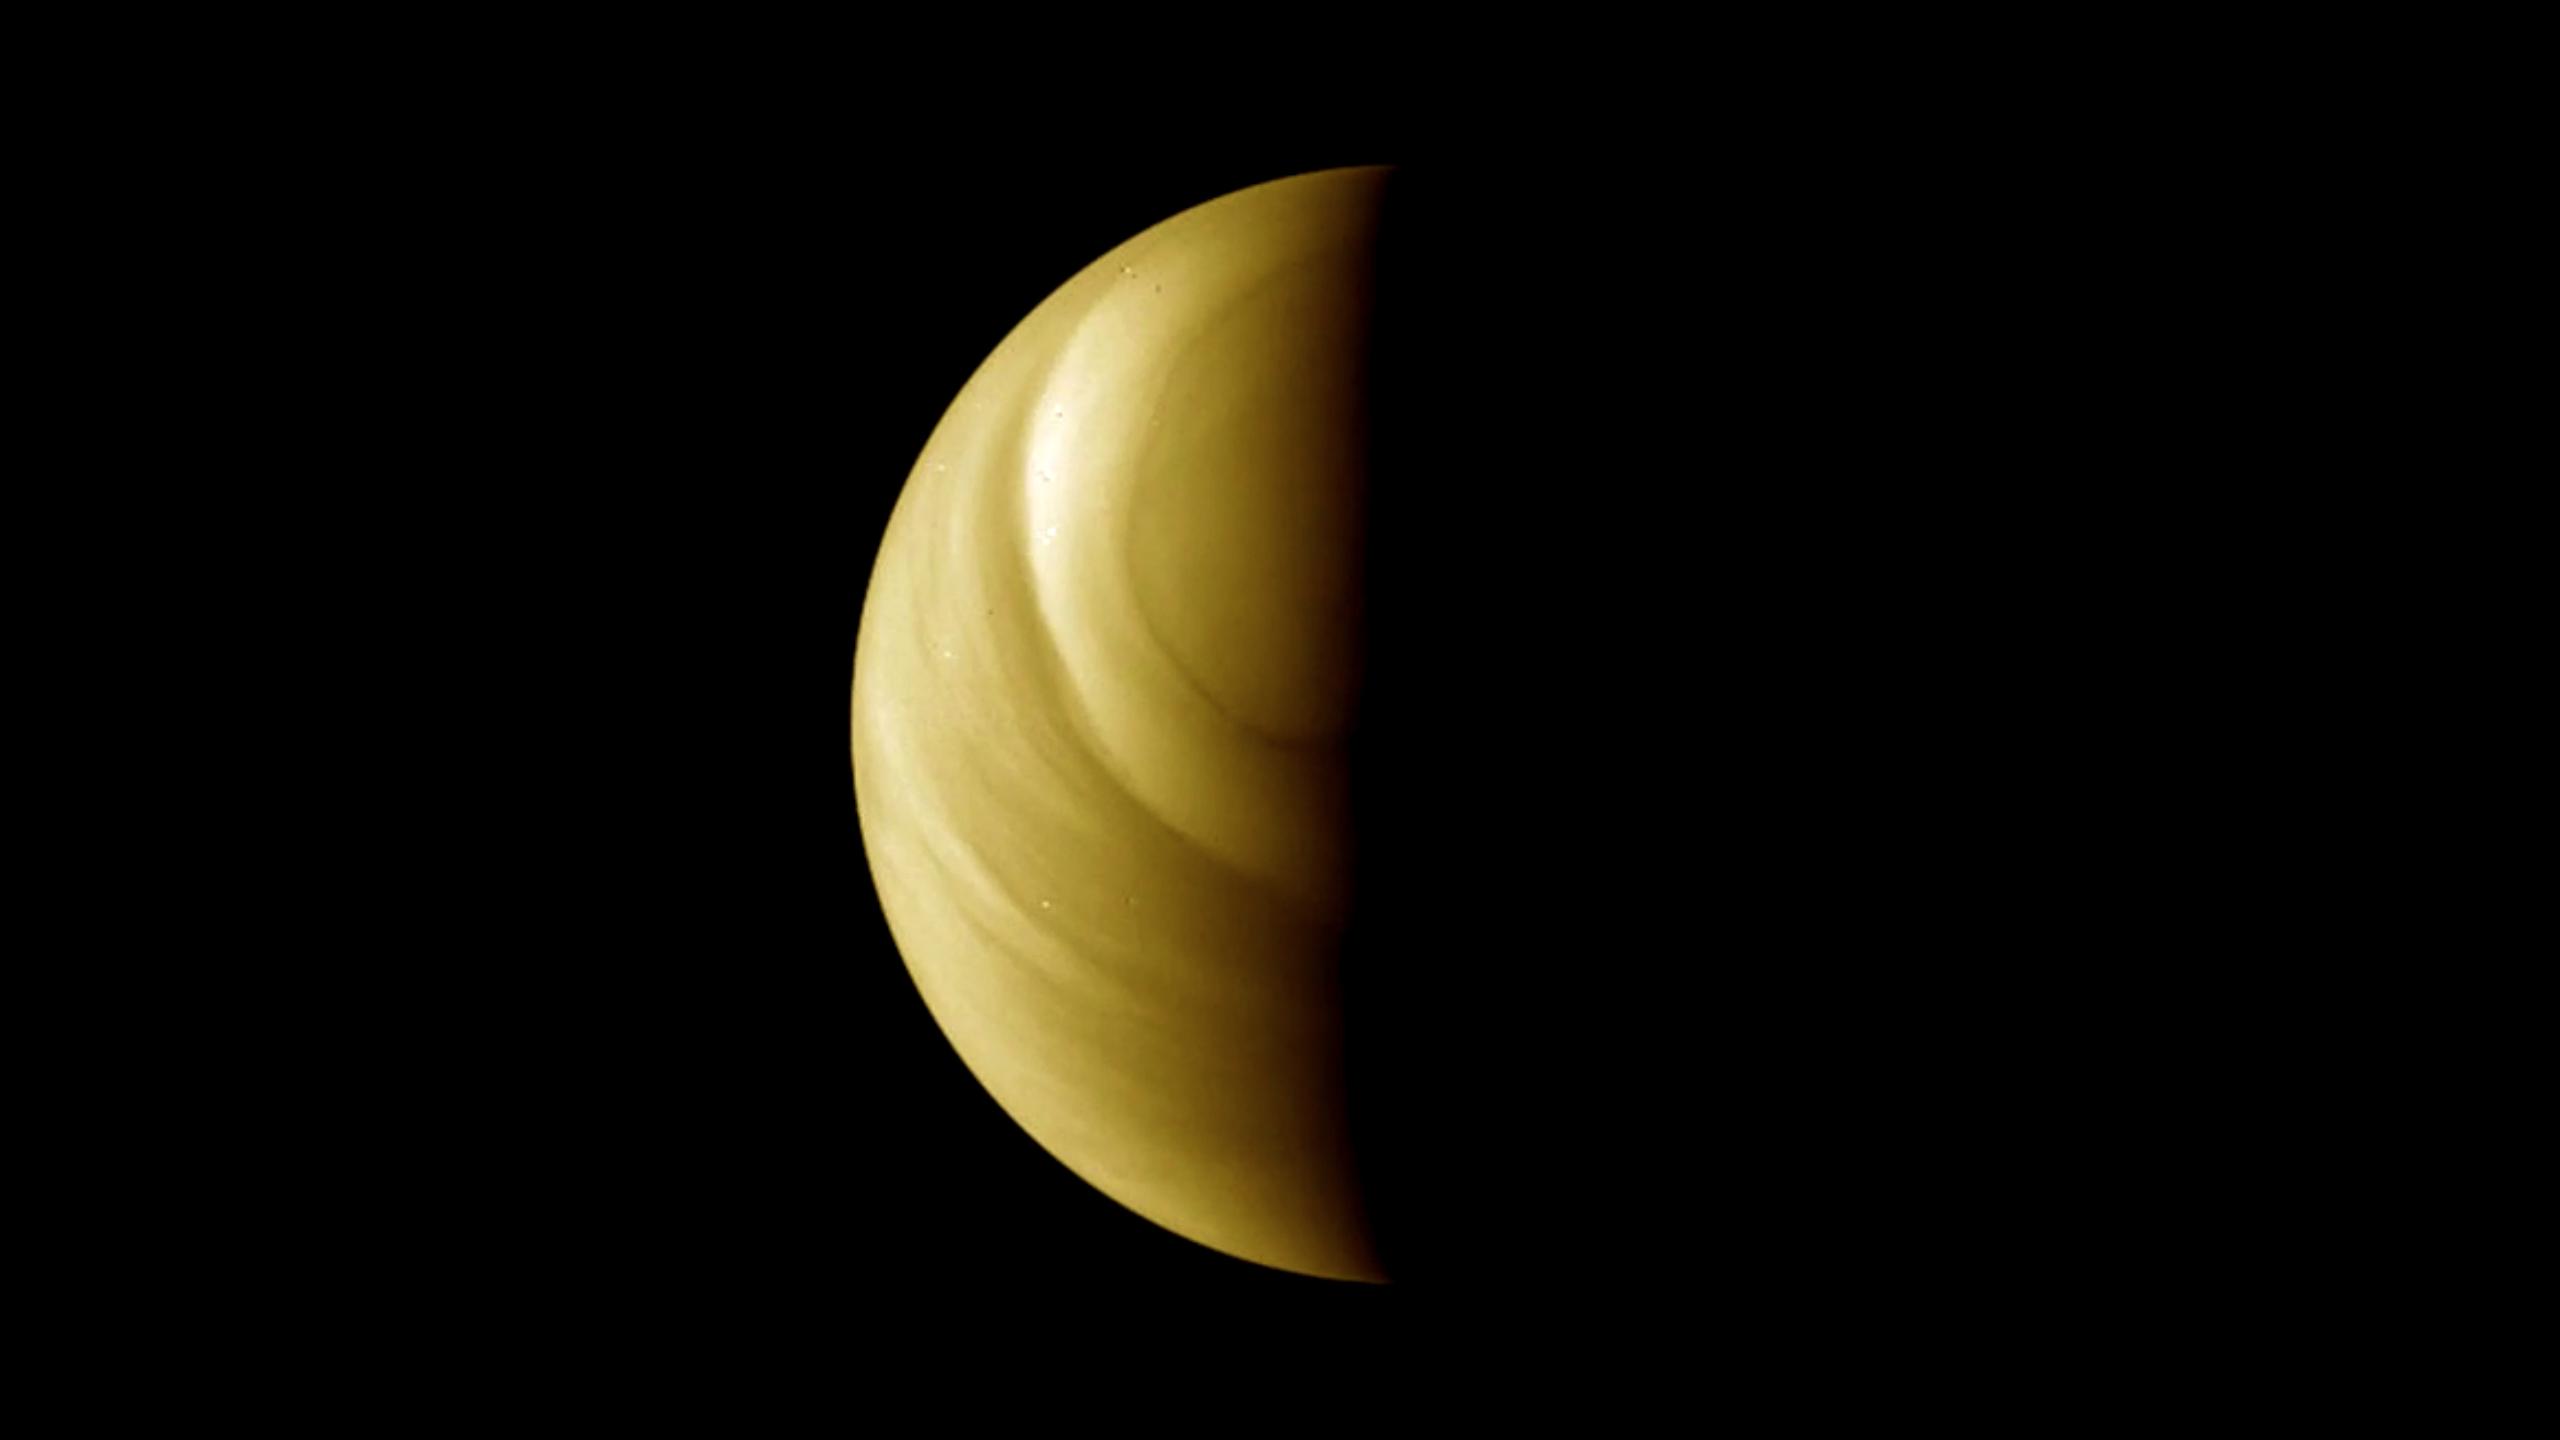 もっと読む:ロシアが金星探査をなぜ必要とするか